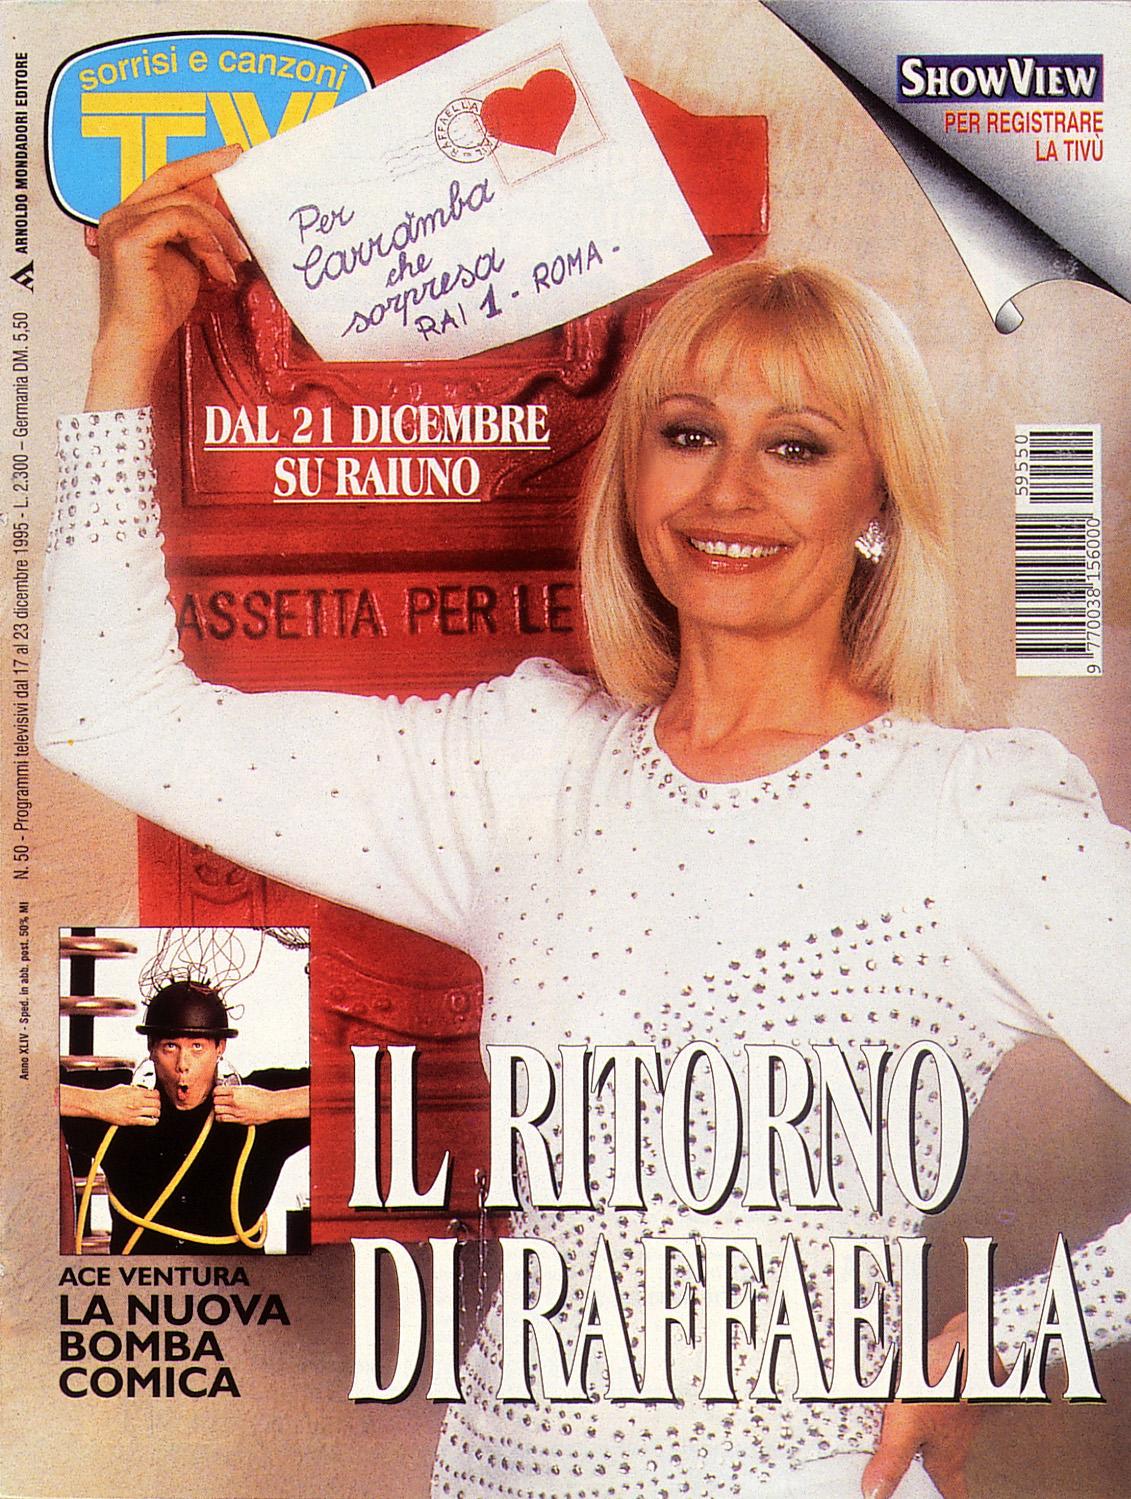 Sorrisi e Canzoni TV - Copertina con Raffaella Carrà - 1995 -